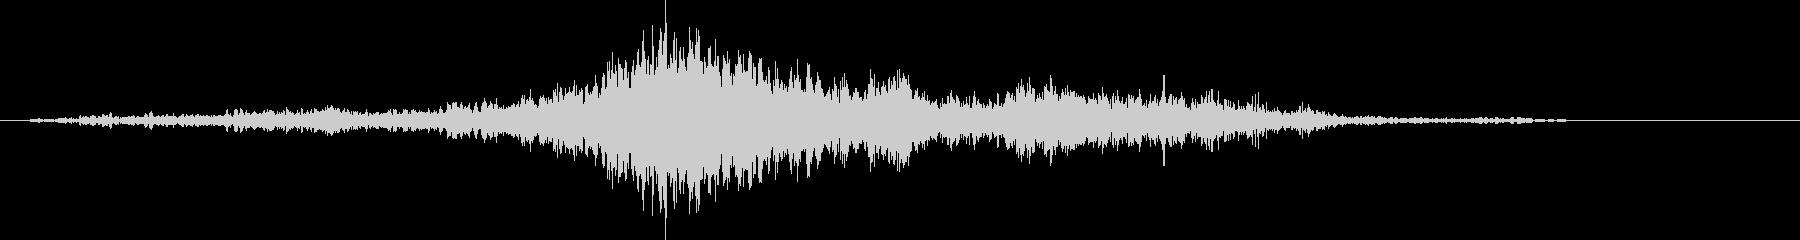 カーゴシリーズオブ2:ミディアム;...の未再生の波形